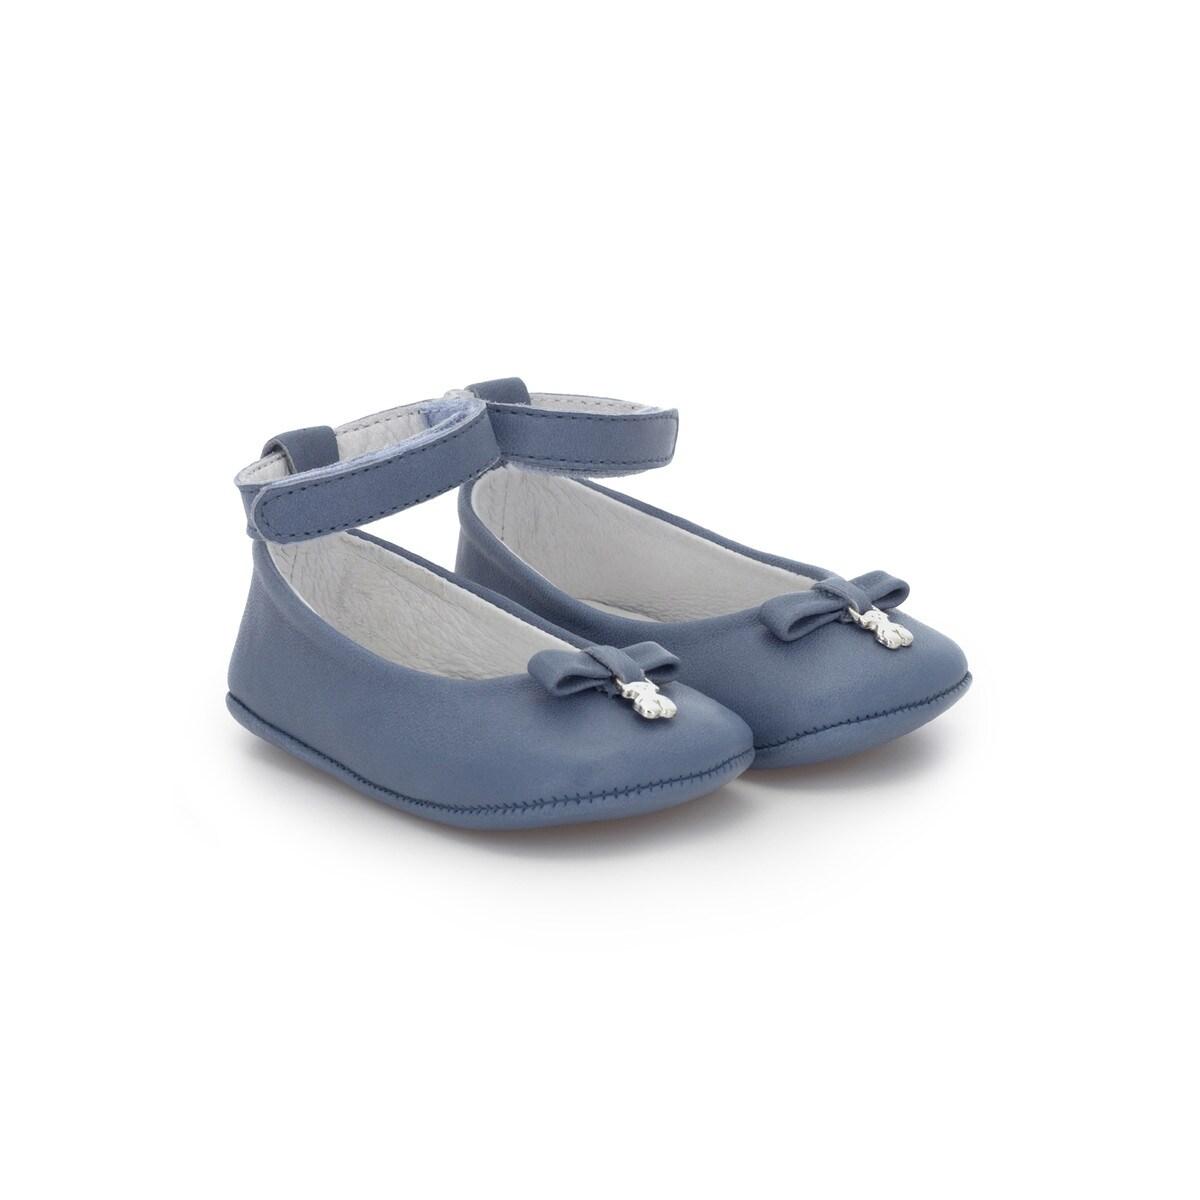 Mini Walk Nature Ballet Shoes In Blue Tous Site Puerto Rico